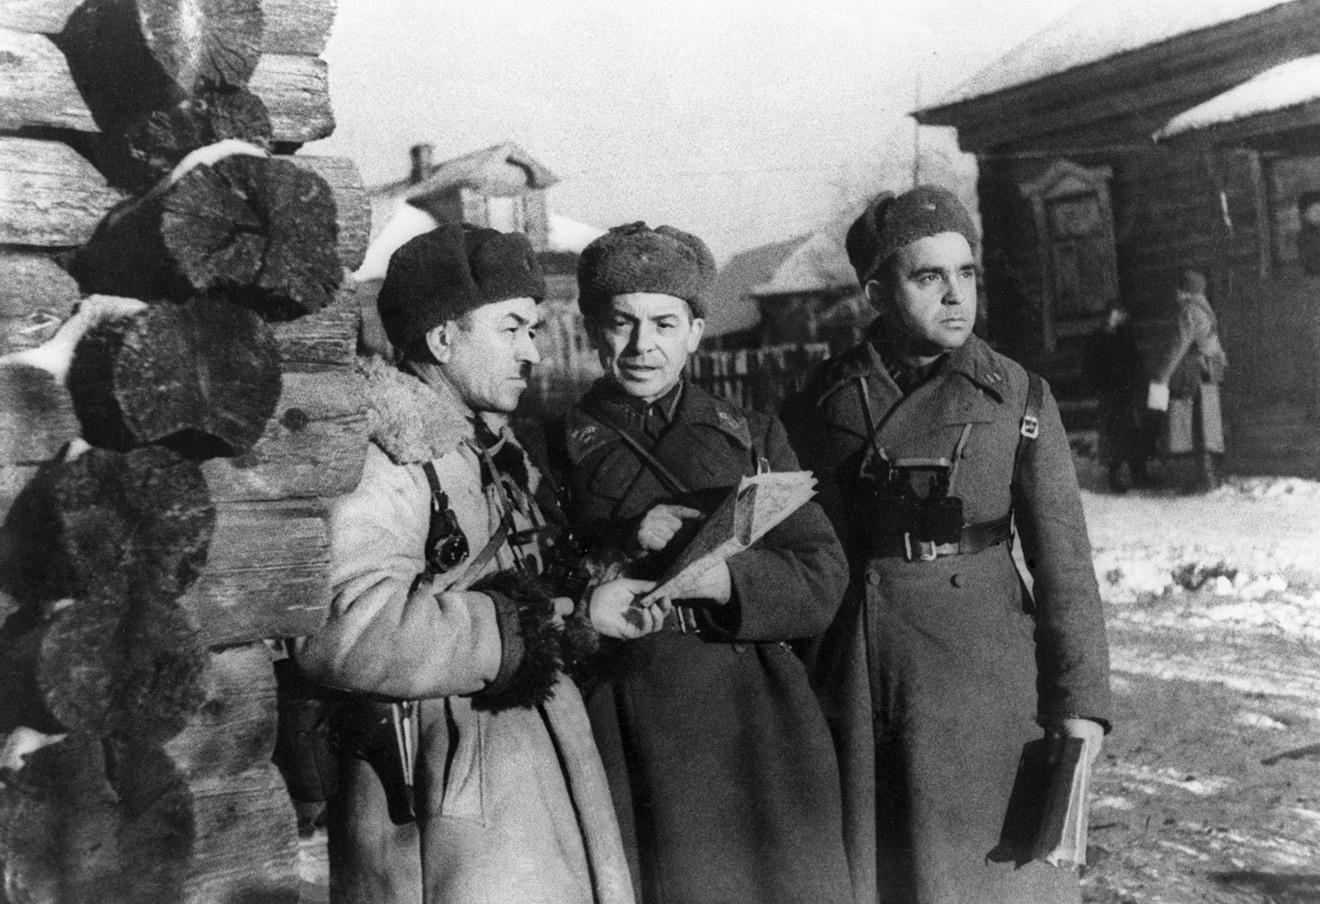 Командующий 316-й стрелковой дивизии генерал-майор Иван Панфилов с офицерами своего штаба.